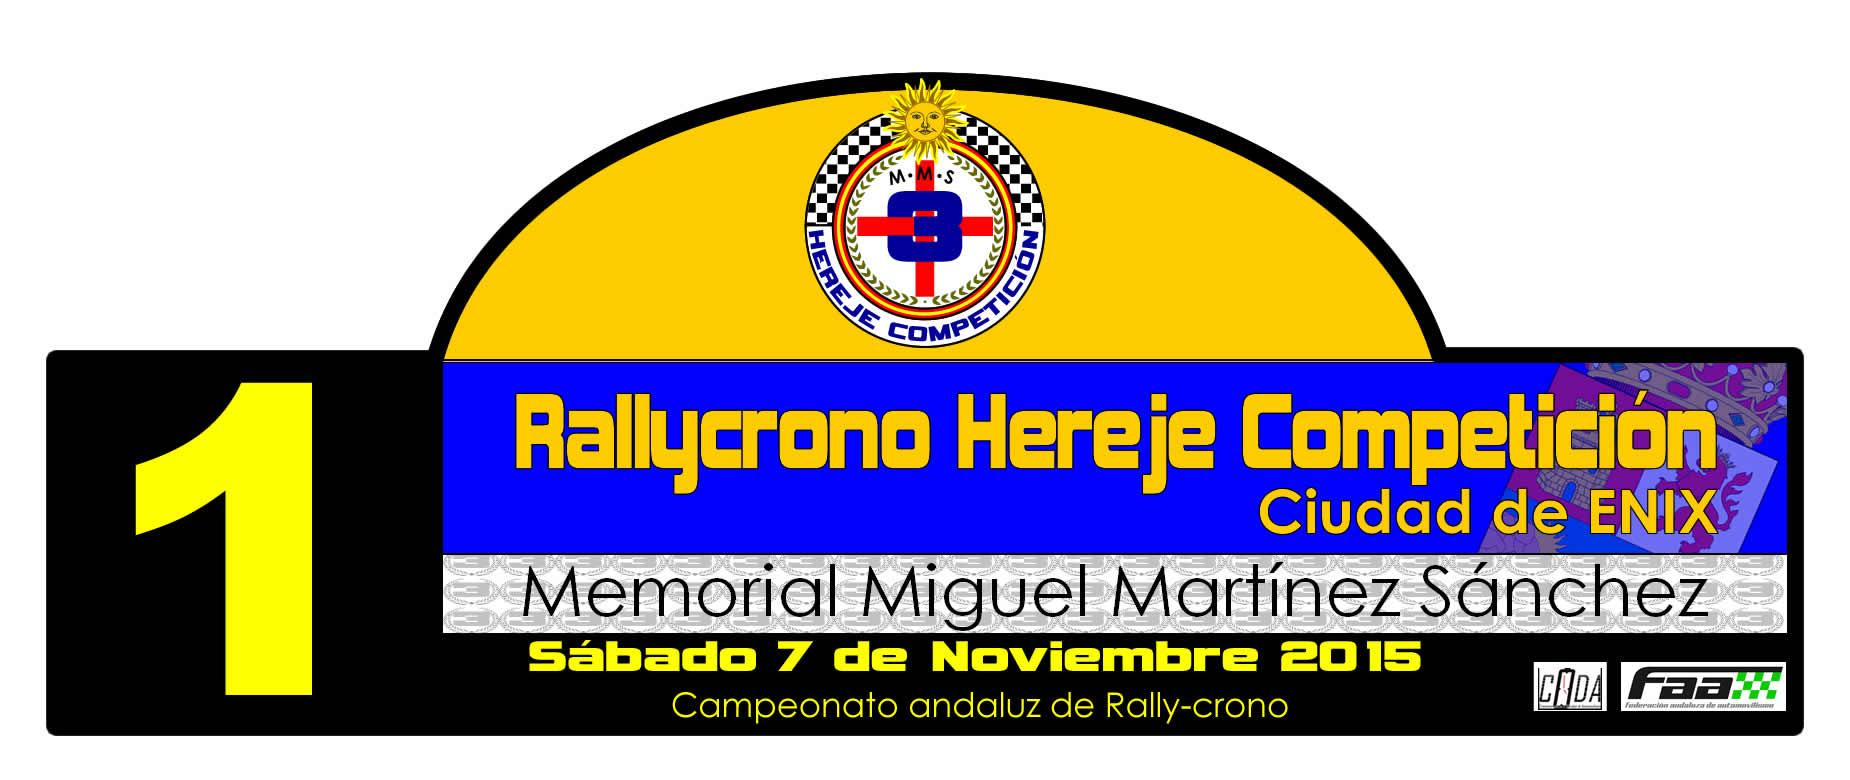 Rallycrono Hereje Competicion Ciudad de Enix